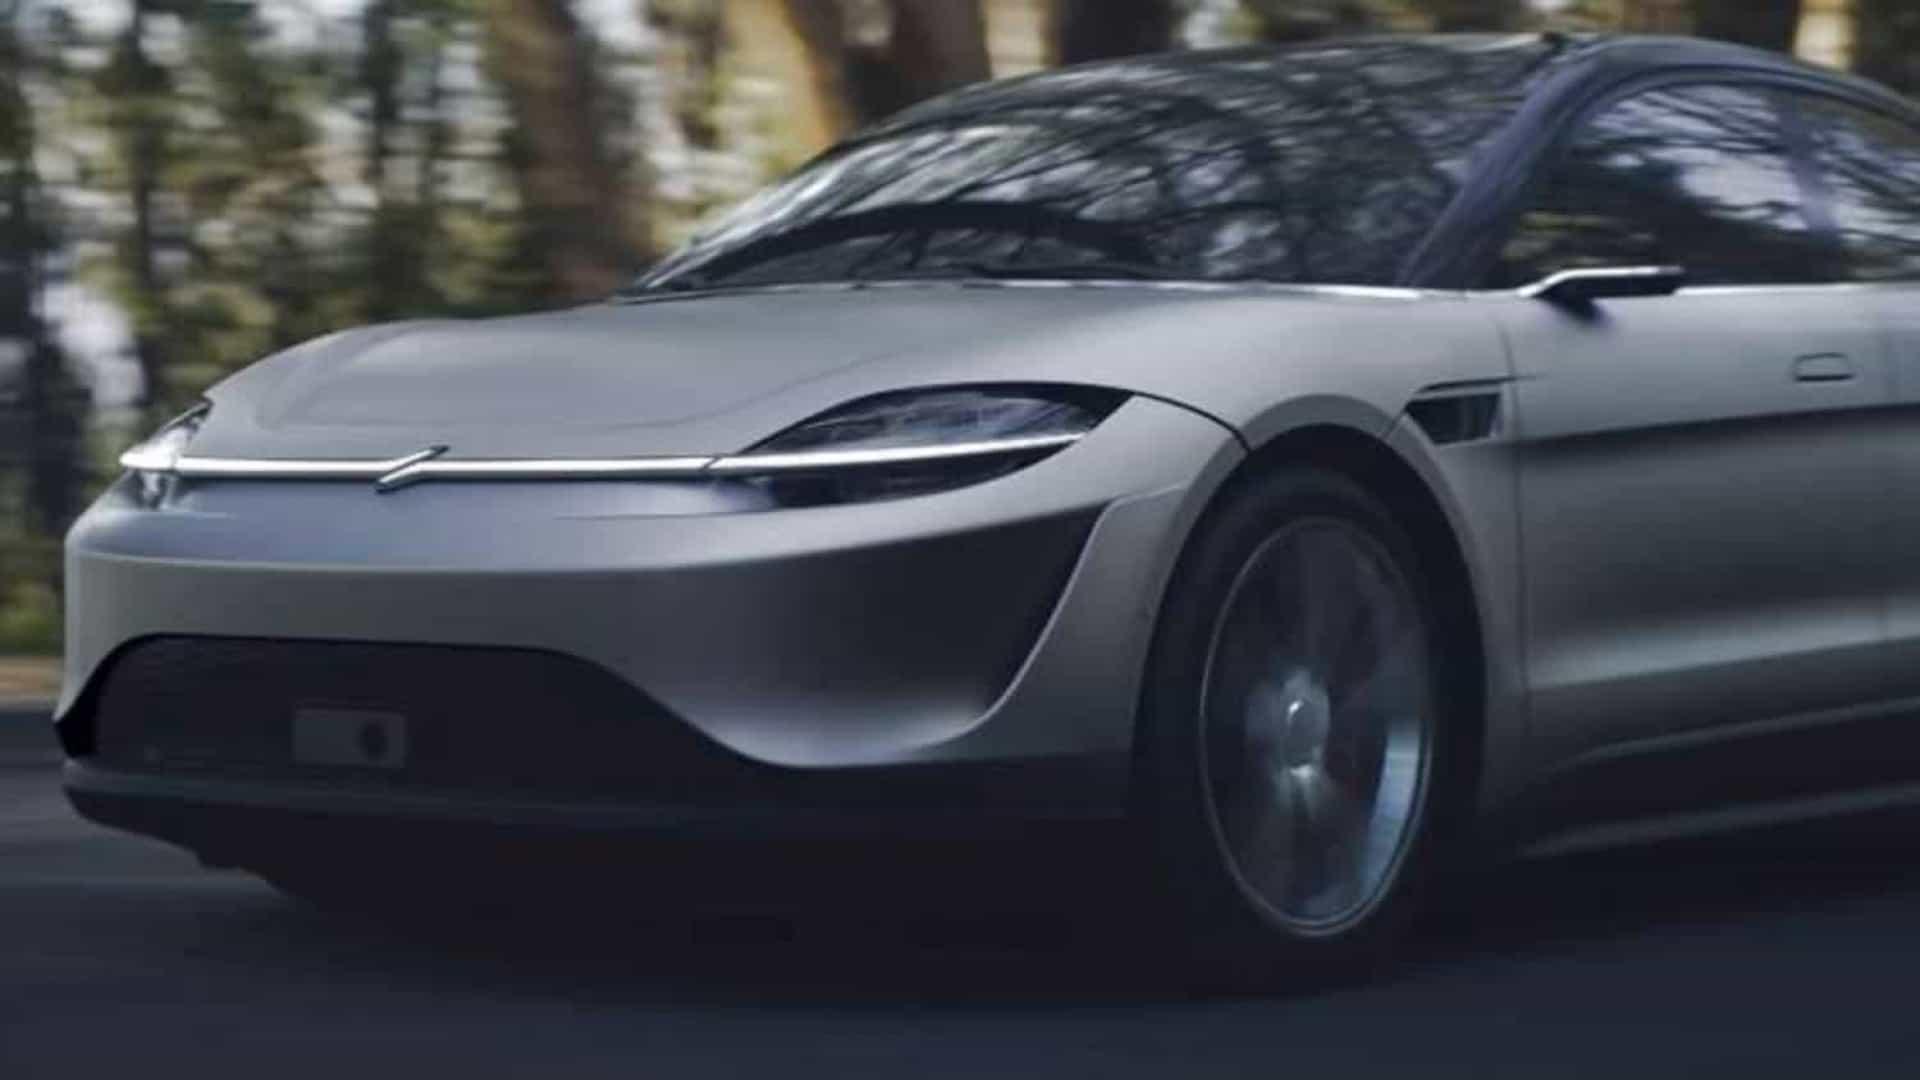 Primeiro carro elétrico da Sony faz sucesso em feira de tecnologia